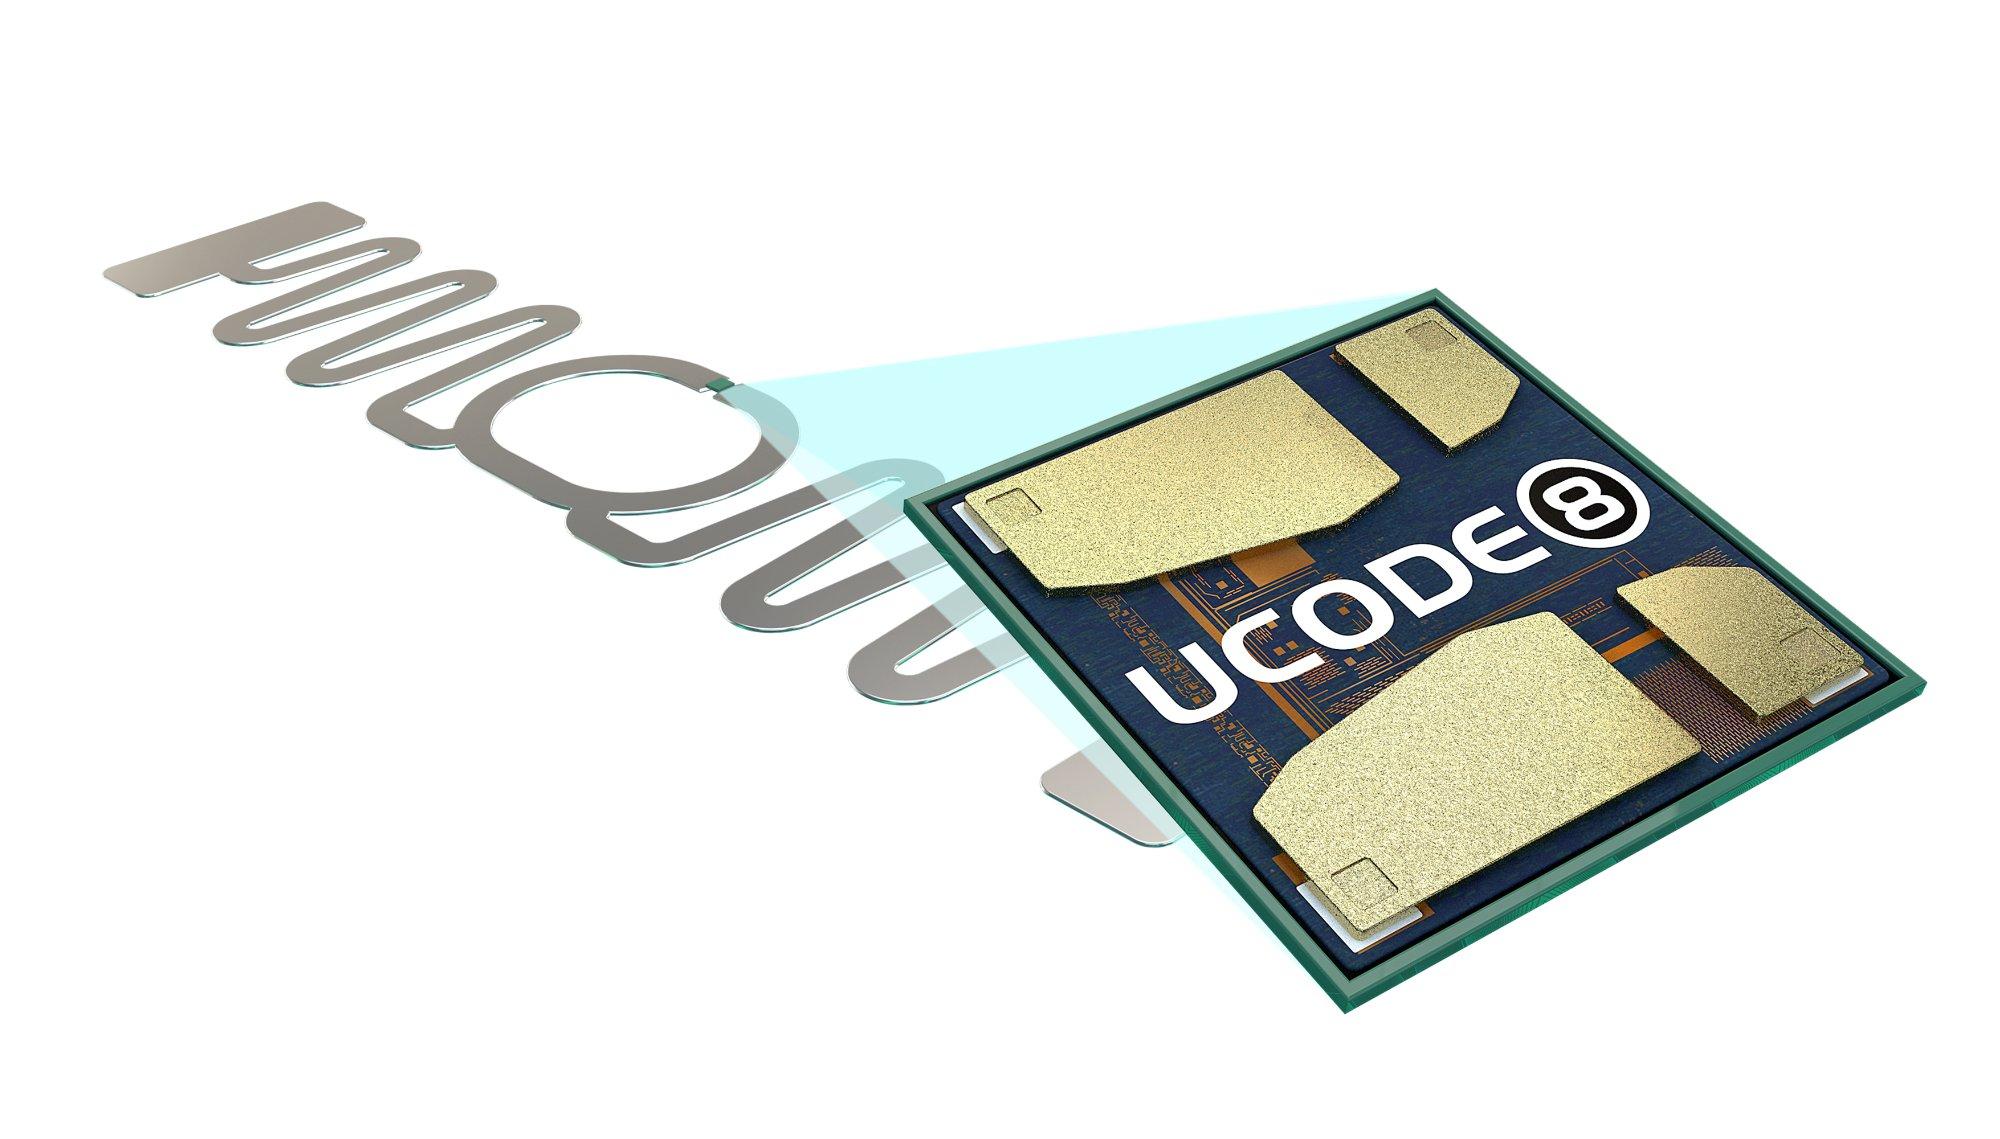 чип ucode8